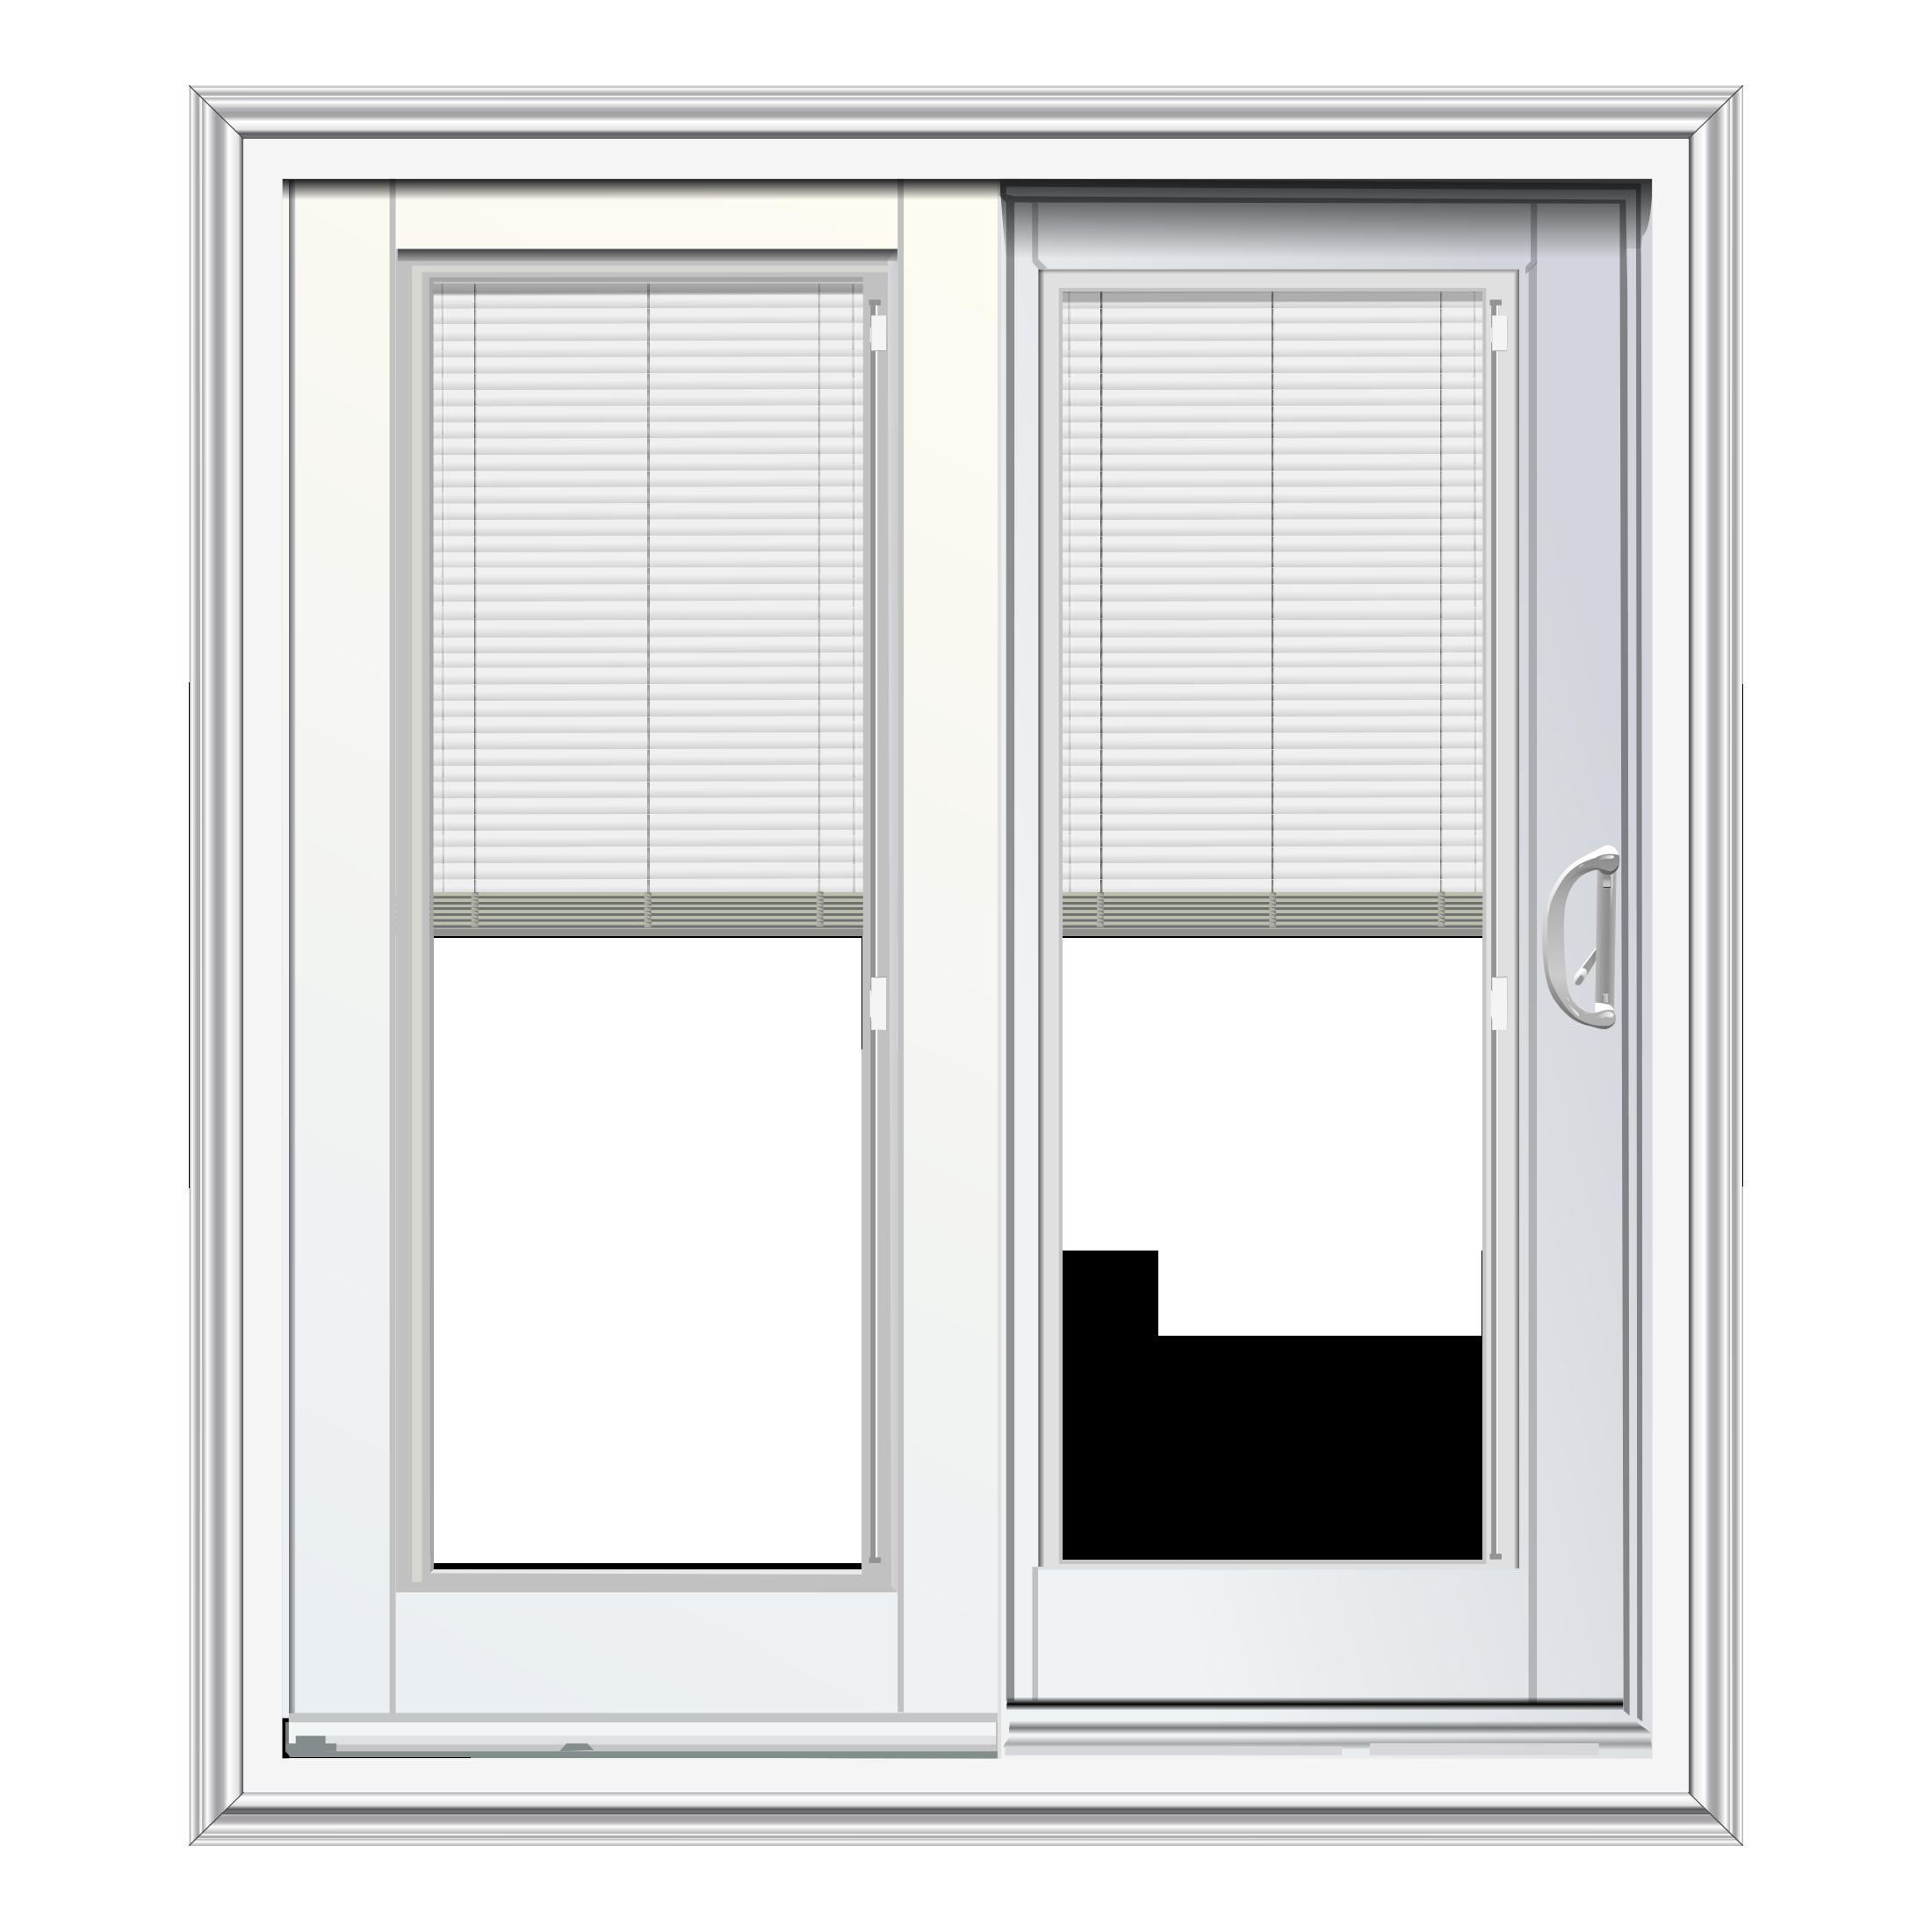 Replacement Windows Patio Doors Blinds Between Glass Orange